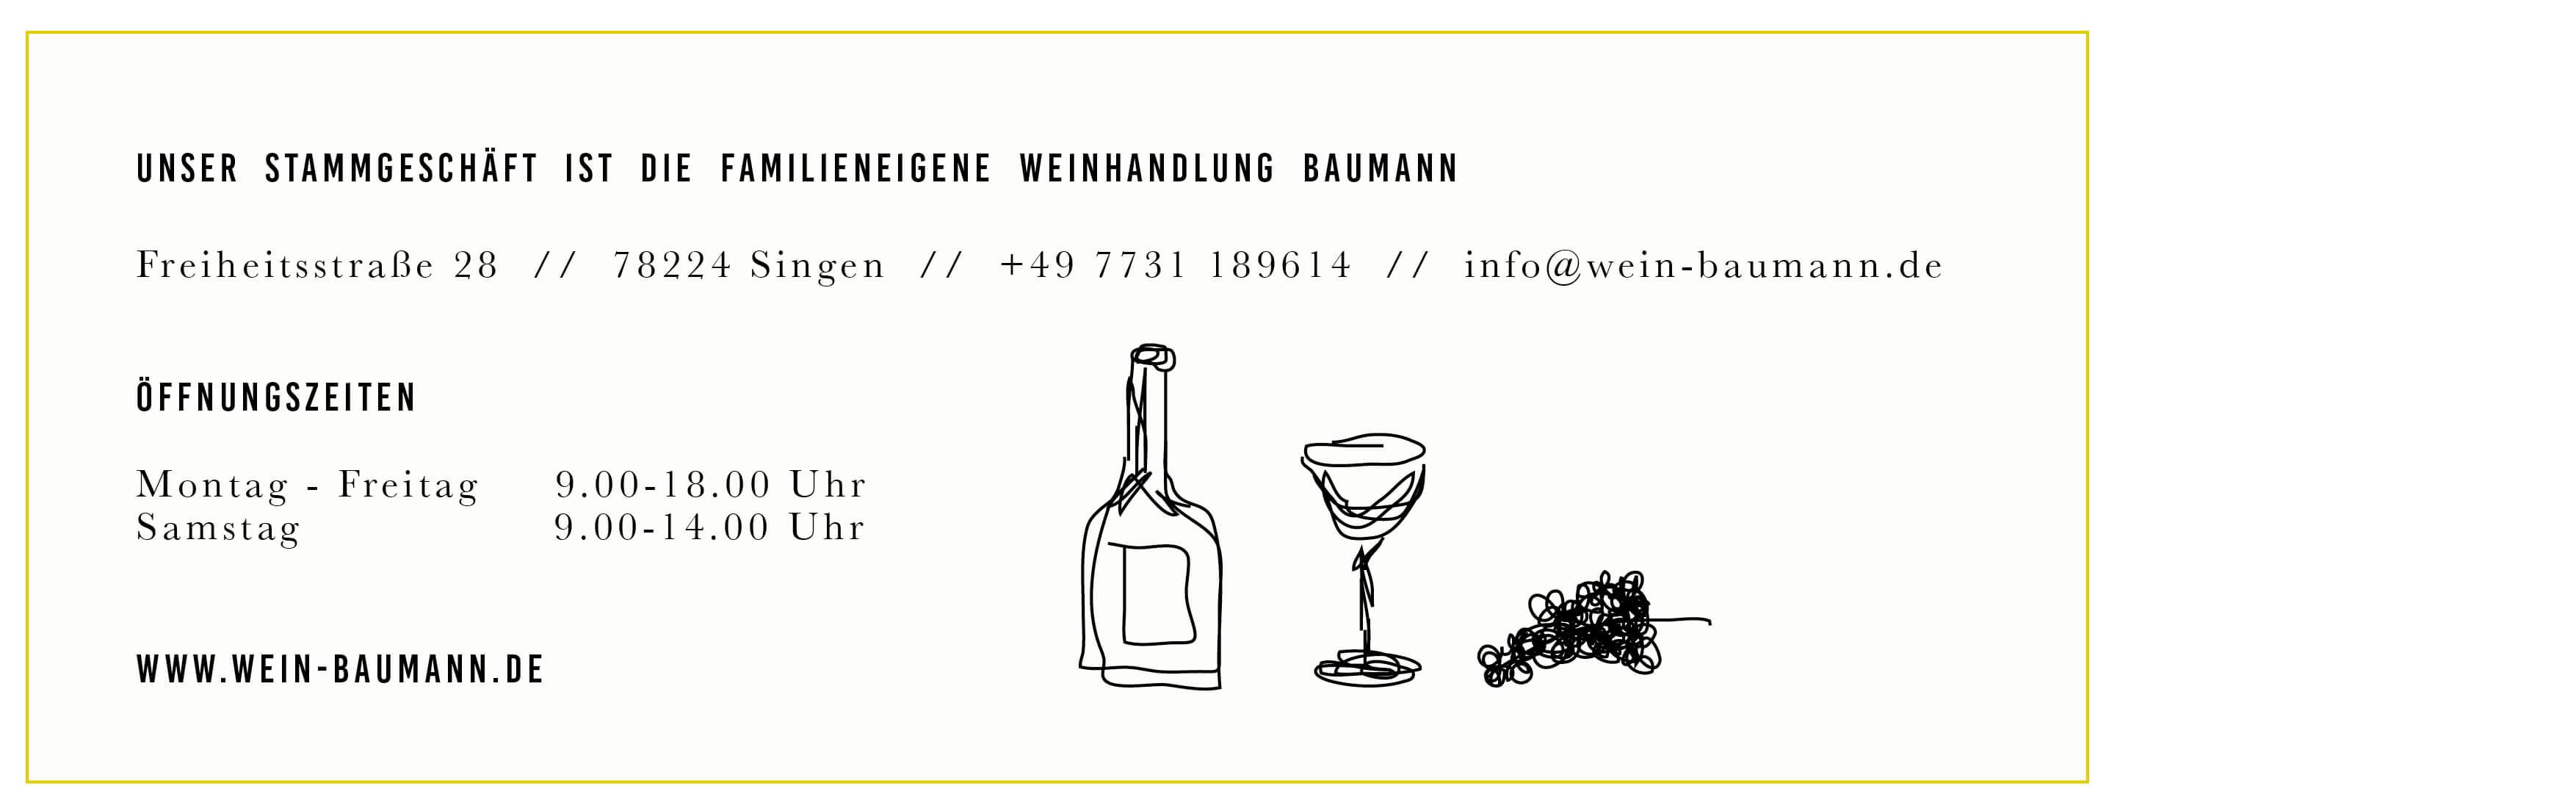 Weinhandlung Baumann